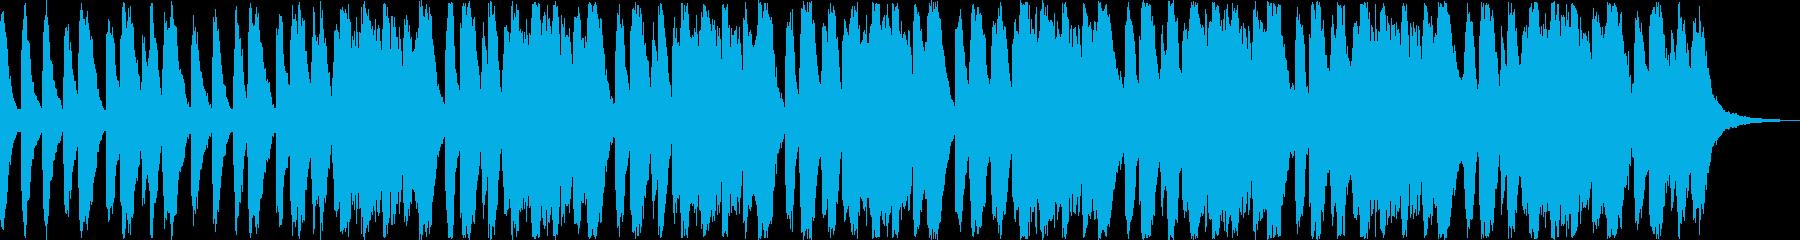 クリスマス パーカッション フルー...の再生済みの波形